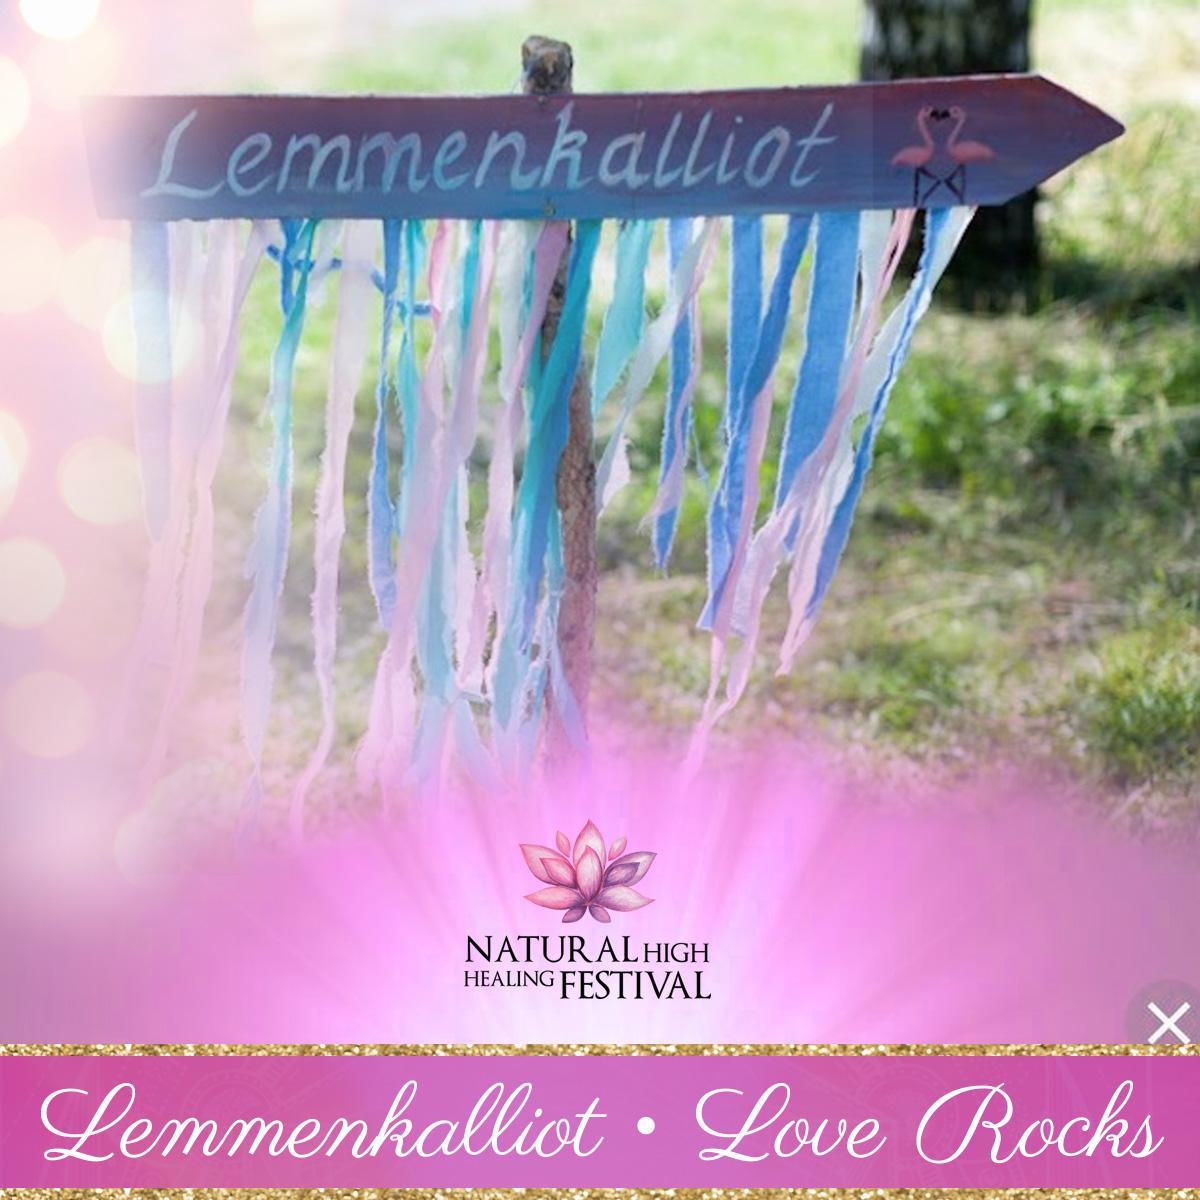 love rocks at natural high healing  festival